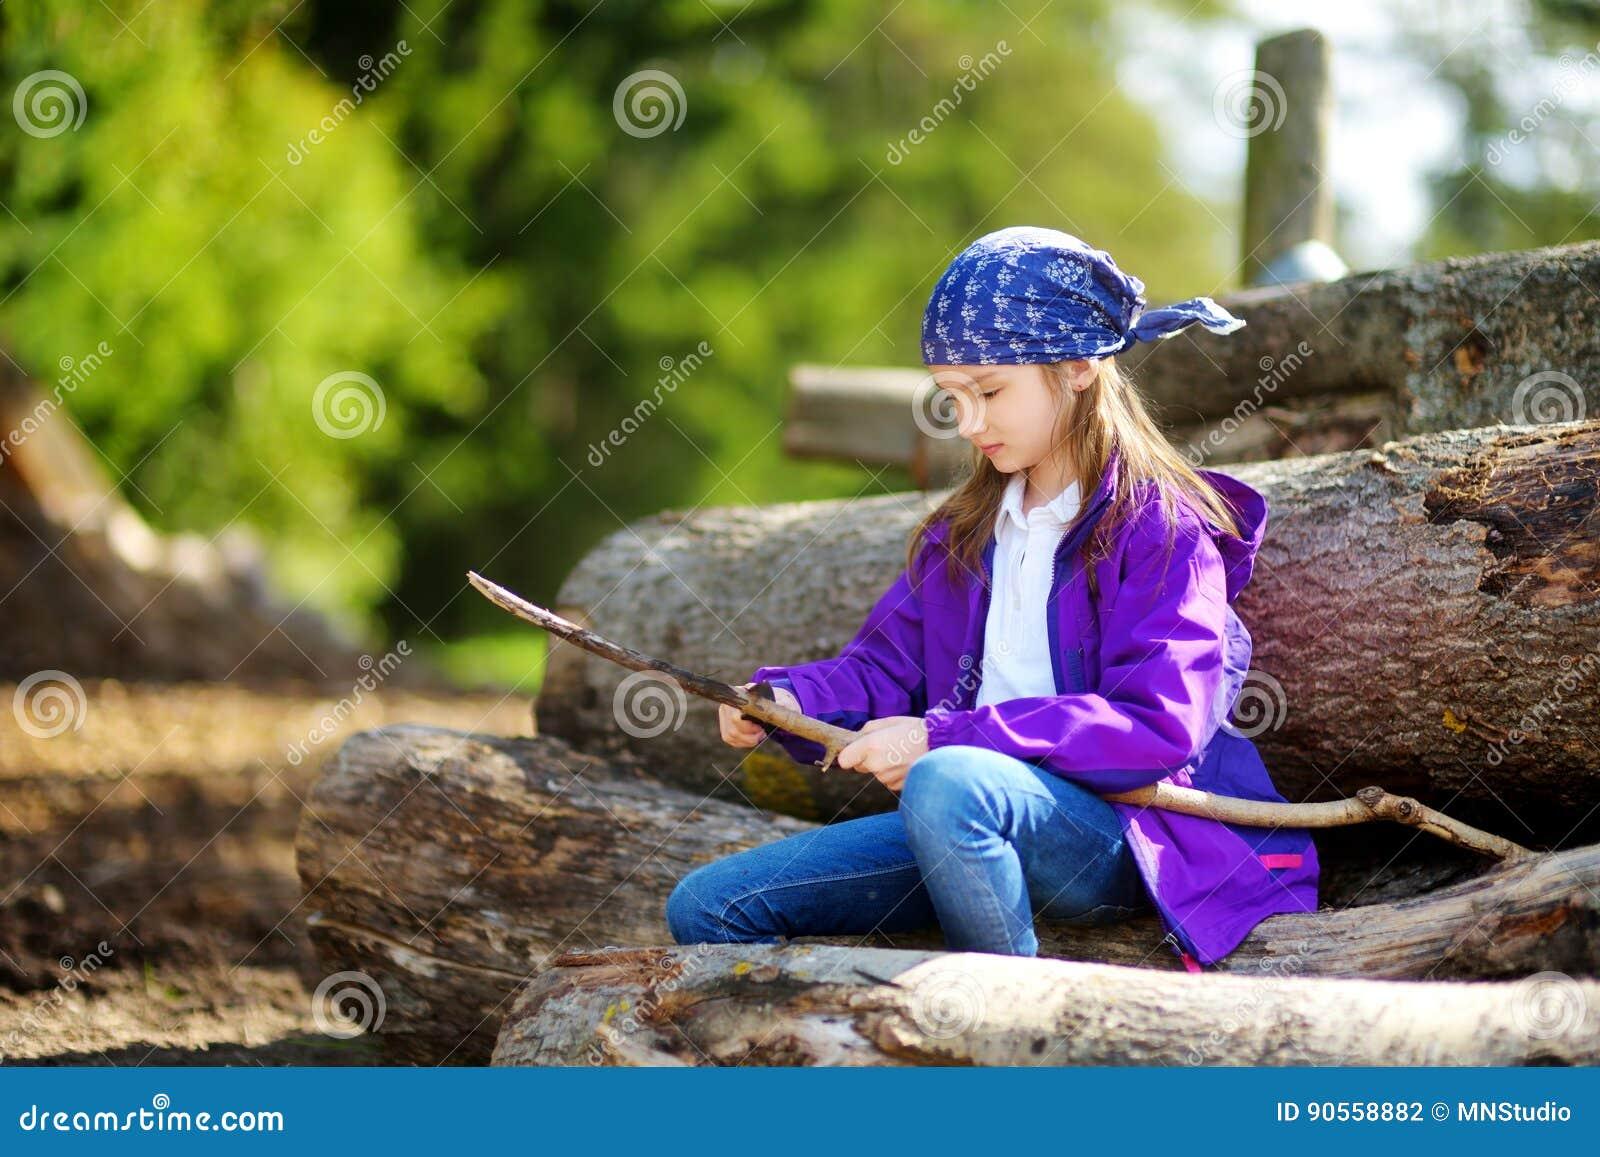 Śliczny małej dziewczynki obsiadanie na drzewnych belach używać kieszeniowego nóż strugać wycieczkuje kij